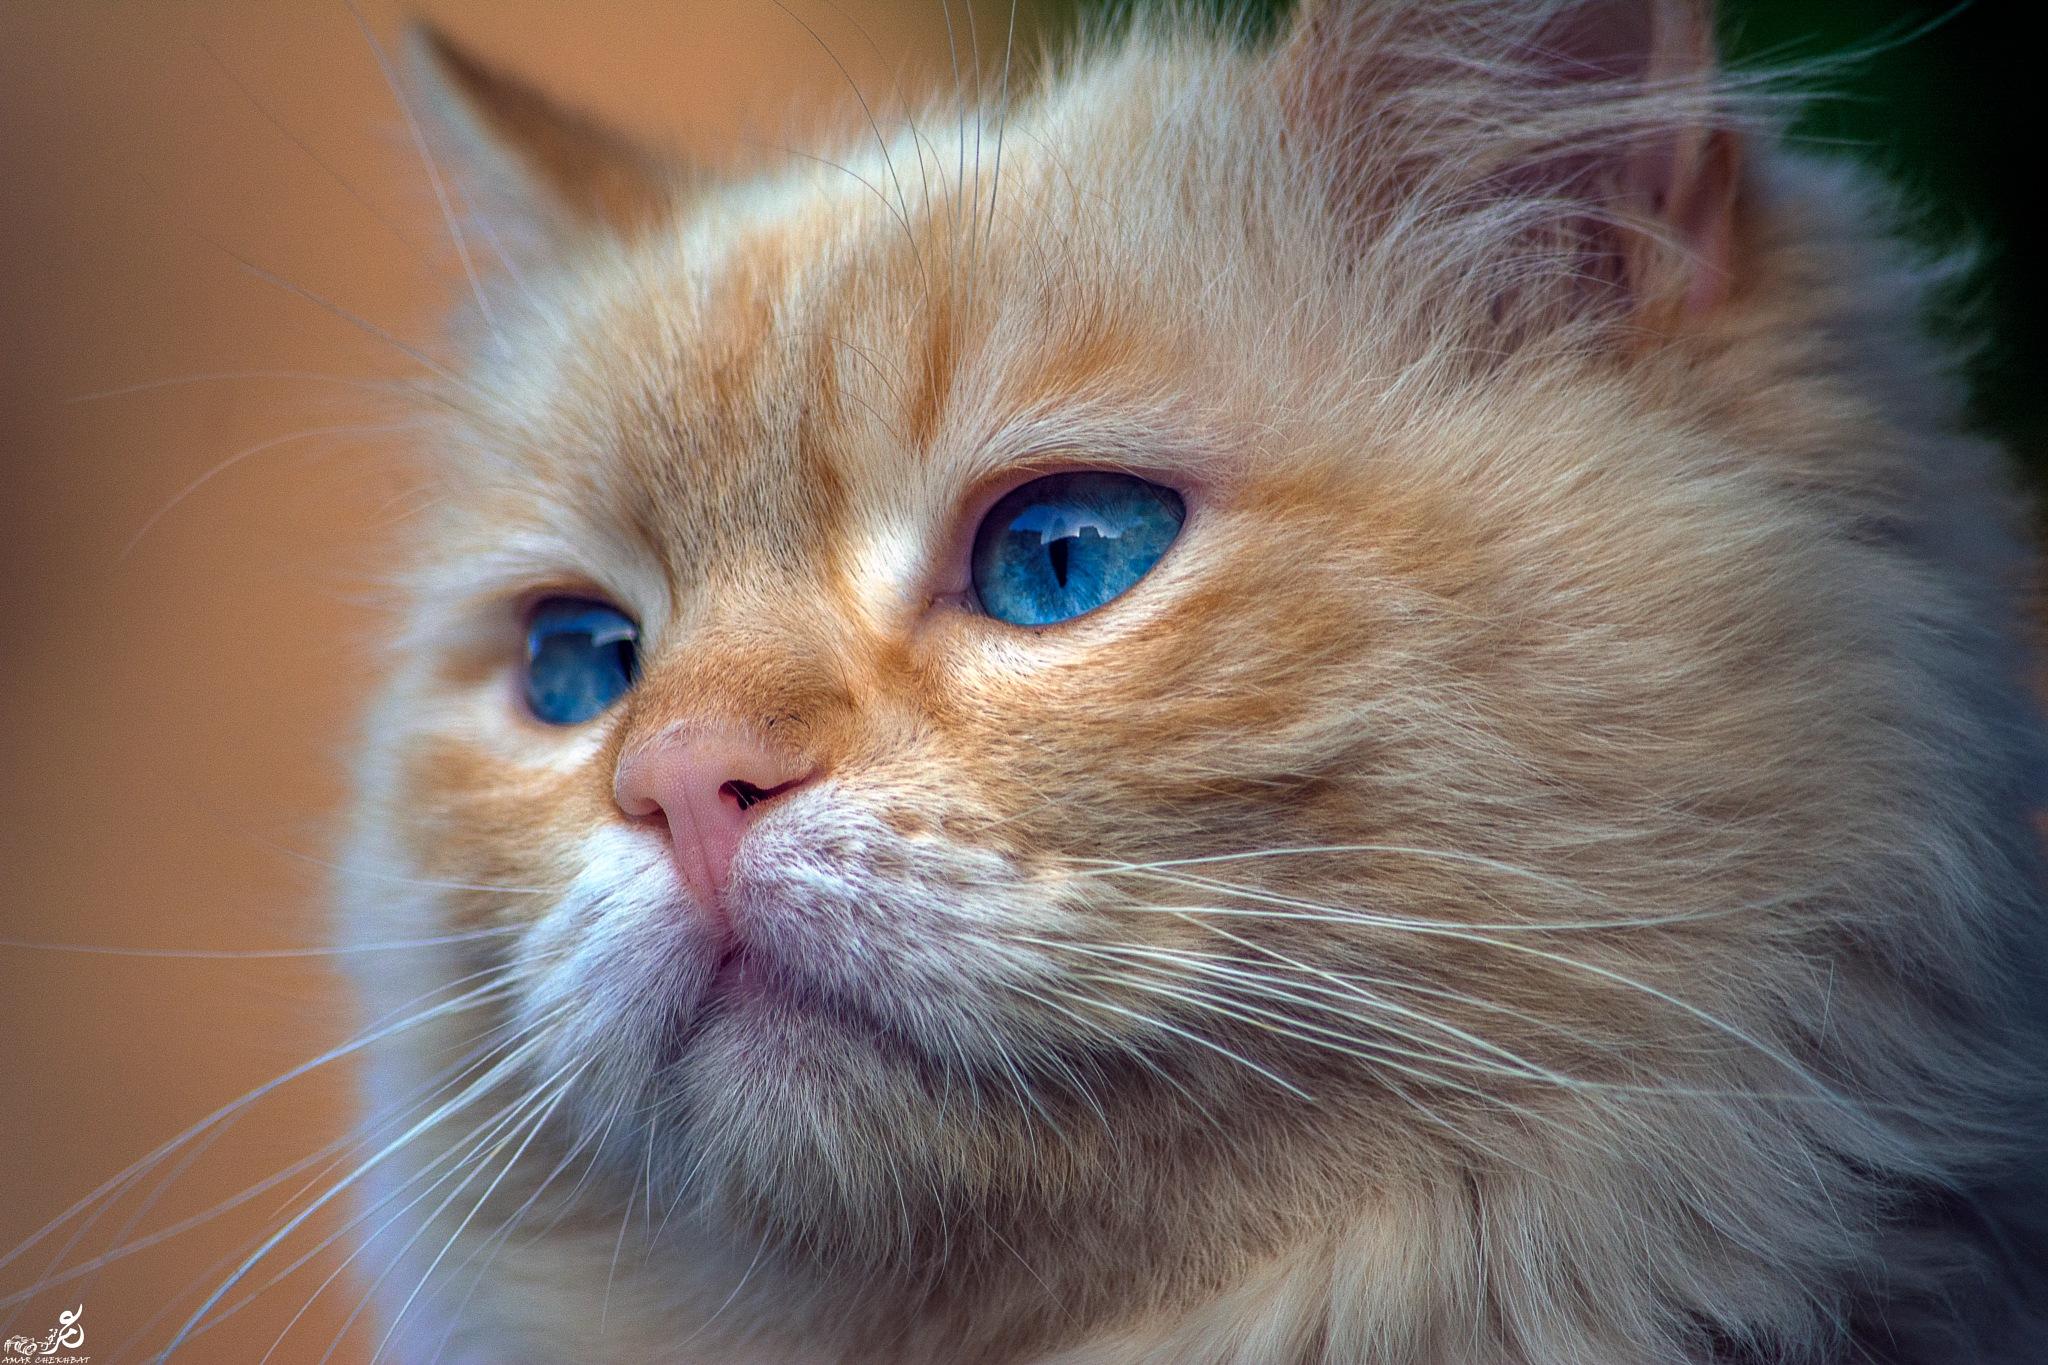 القط  by amarchekhbat17